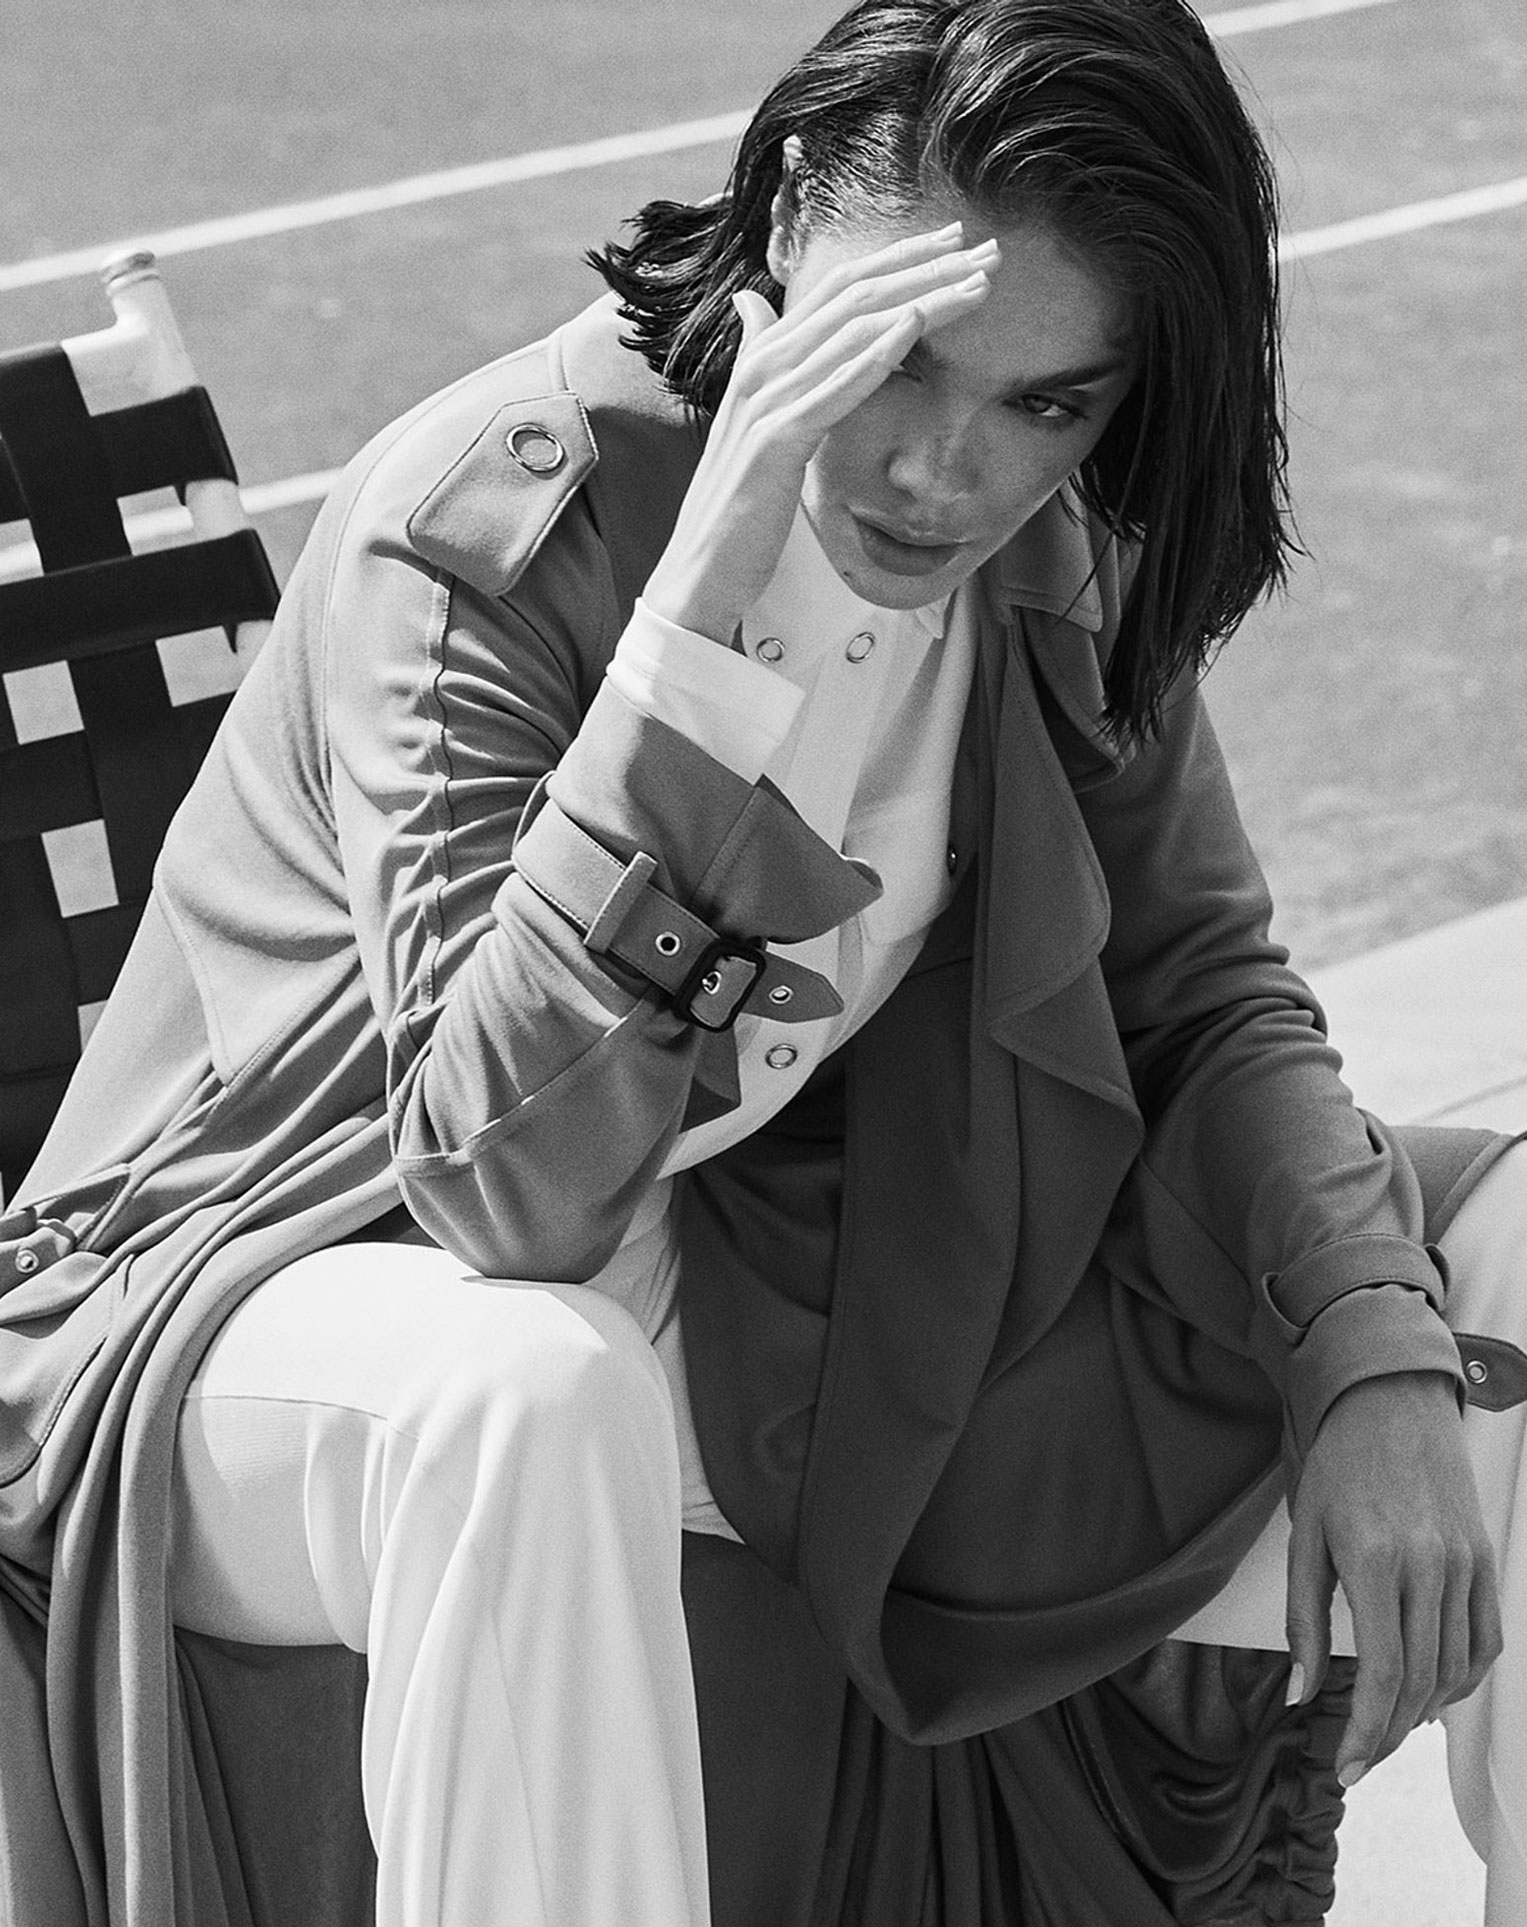 -Королева кортов- Мишель Дантас в модной одежде спортивного стиля / фото 11